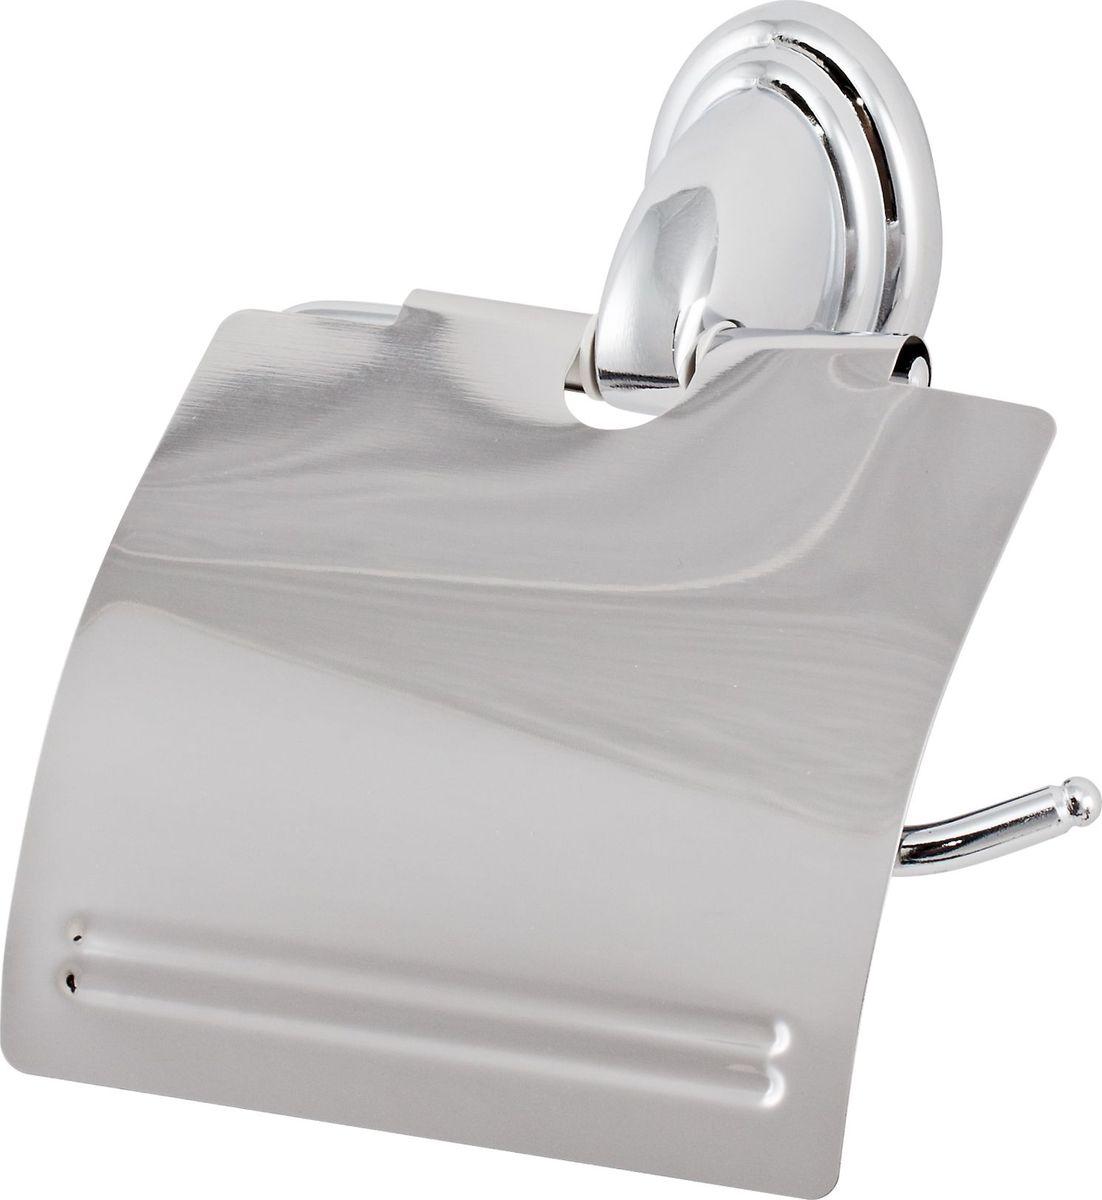 Держатель туалетной бумаги Del Mare 3100, цвет: хромBA900Держатель туалетной бумаги Del Mare 3100 — практичный аксессуар для санузла, выполненного в современном стиле. Этот небольшой, но важный предмет интерьера поможет создать эргономичное пространство даже в компактном помещении. Держатель прекрасно гармонирует с любой расцветкой ванной комнаты. Хромированная поверхность изделия создает зеркальный эффект, подчеркивая оформление ванной комнаты.